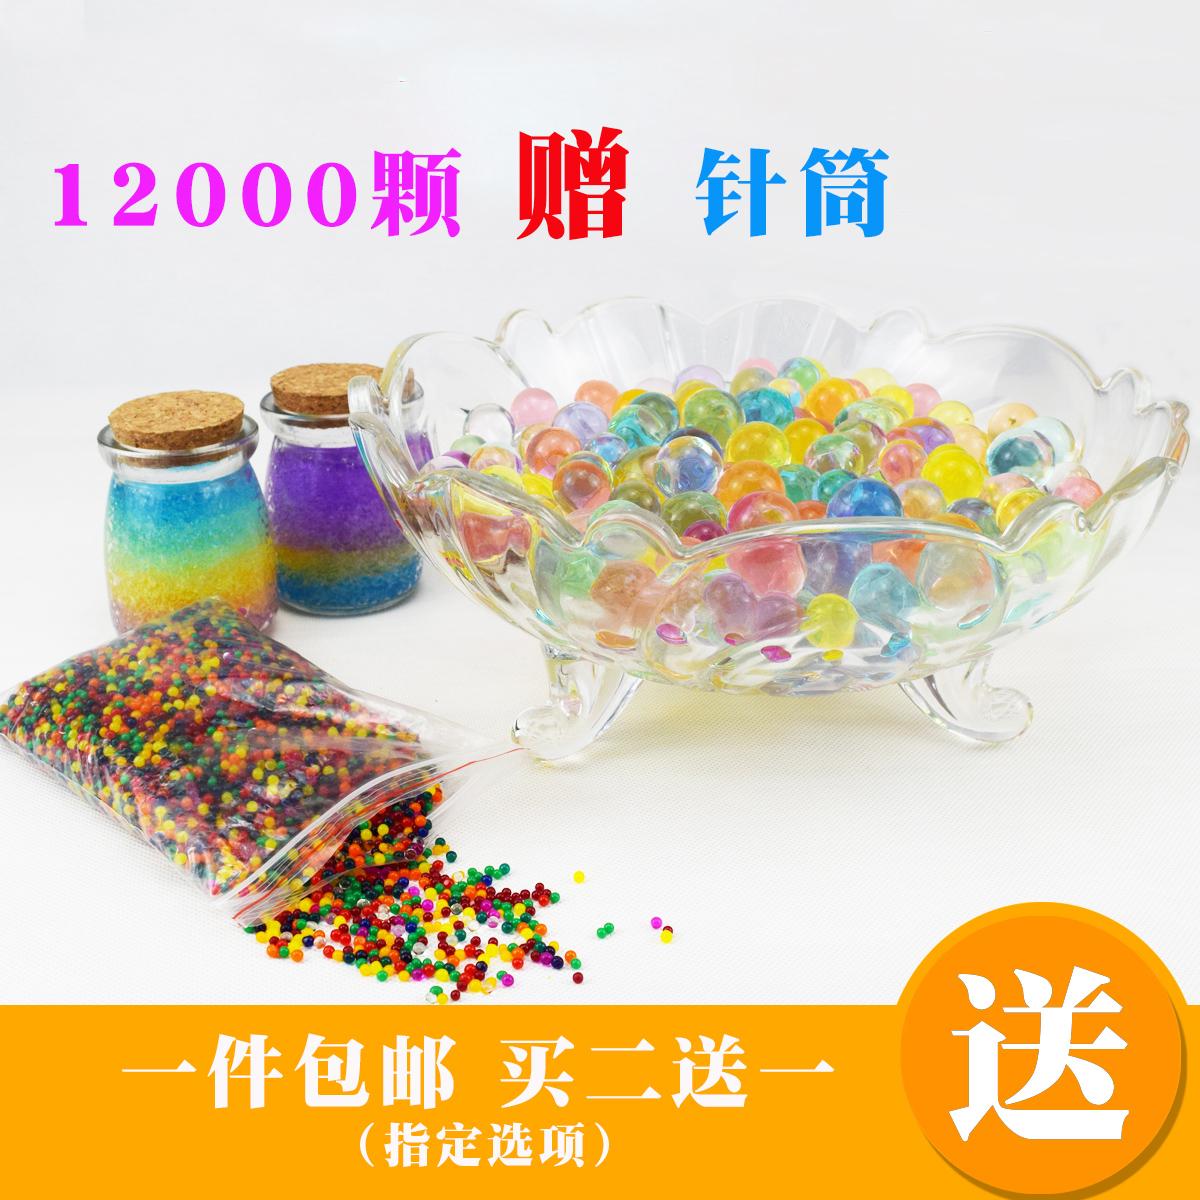 水晶泥吸水珠水宝宝玩具水晶珠泡大球海绵宝宝水精灵泡大珠包邮